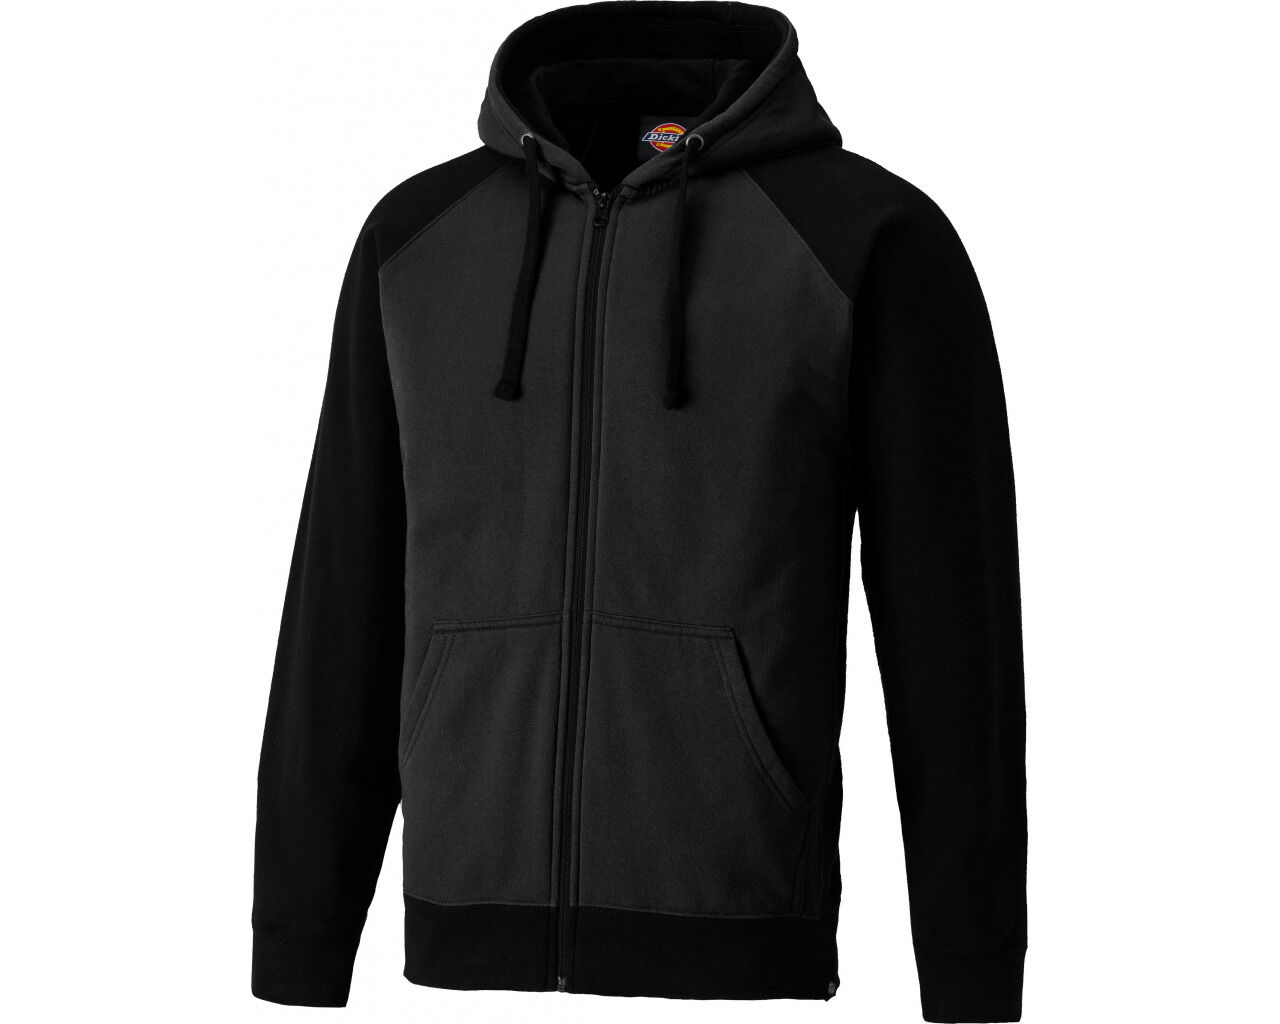 Dickies Two Tone Work Uniform Hooded Sweatshirt SH3009 FREE SOCKS